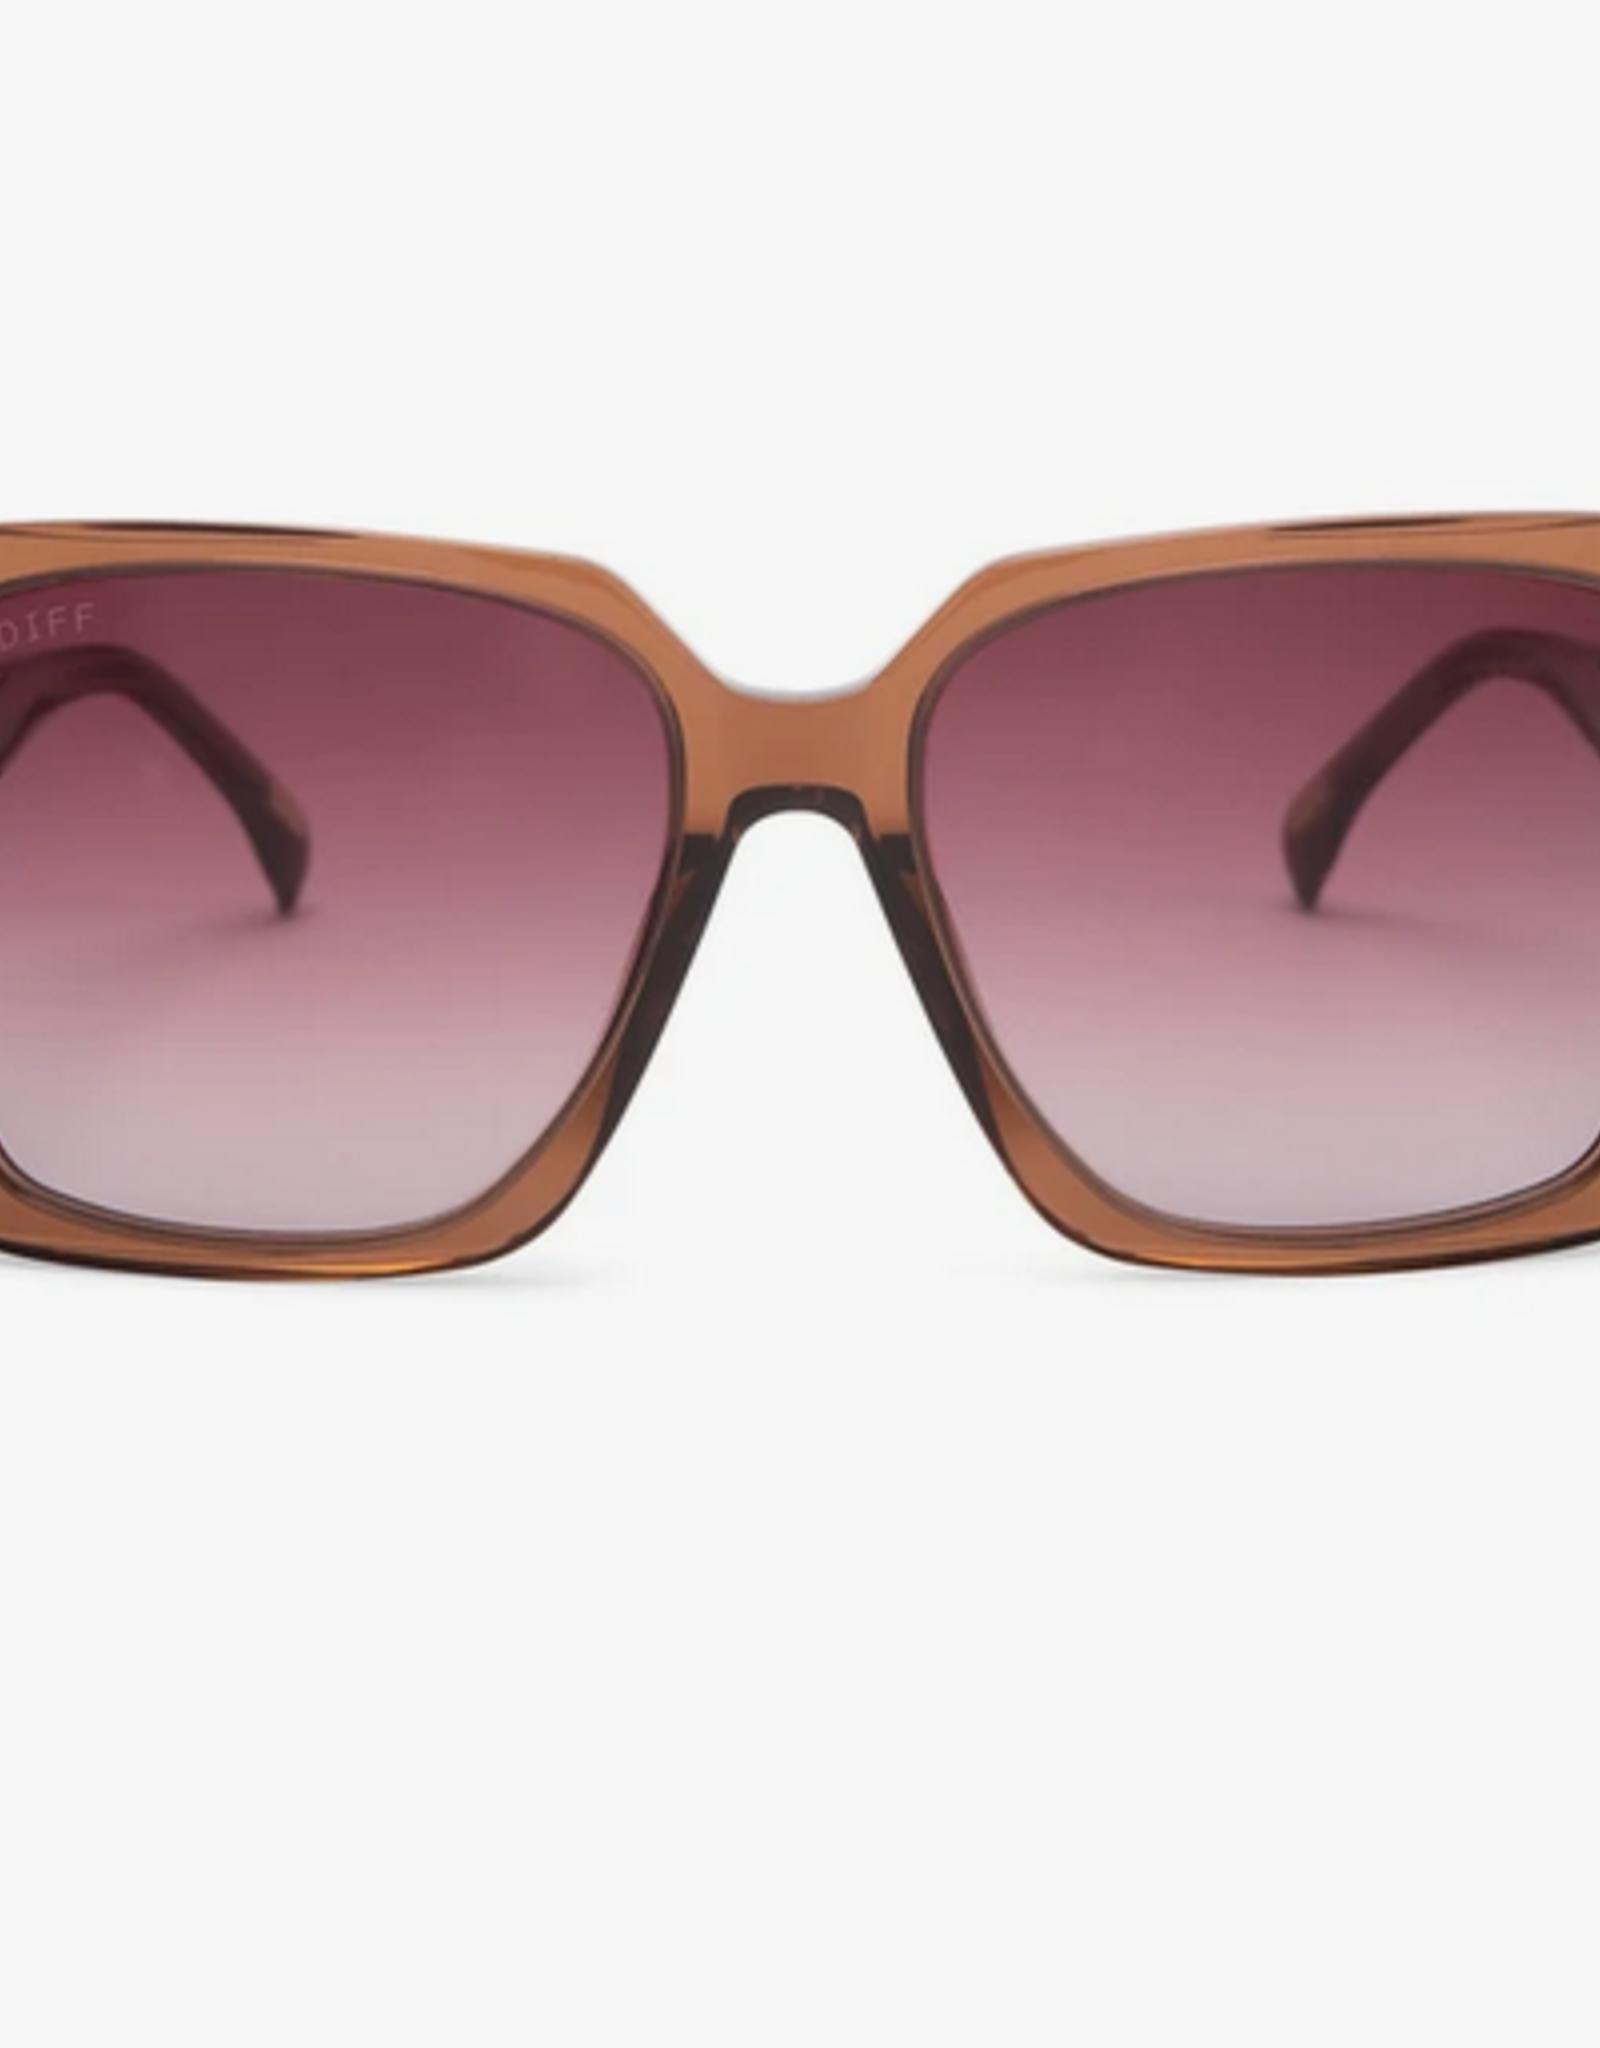 DIFF SOPHIE Sunglasses